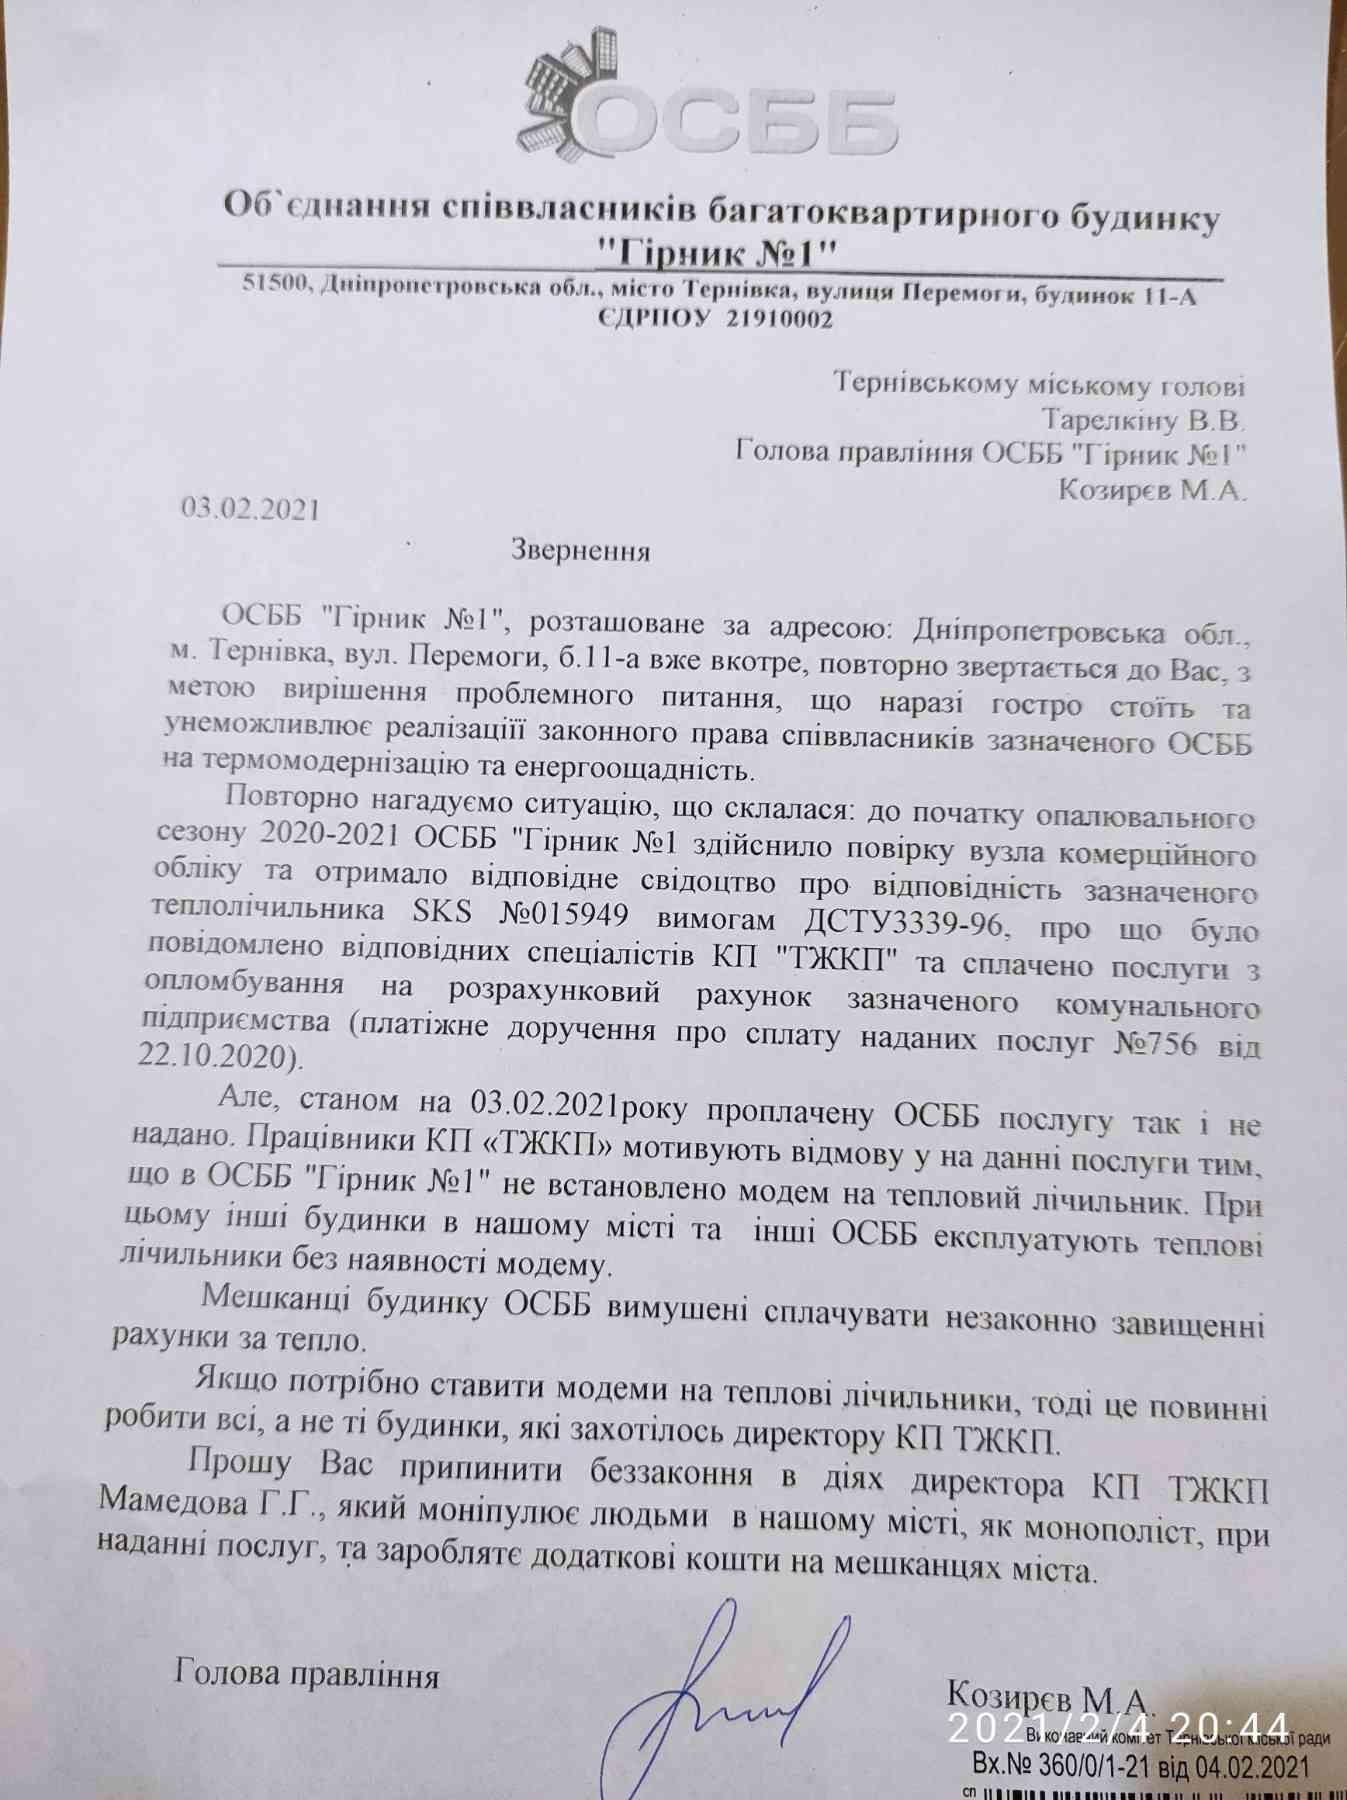 В Терновке требуют от членов ОСМД наладить связь с космосом